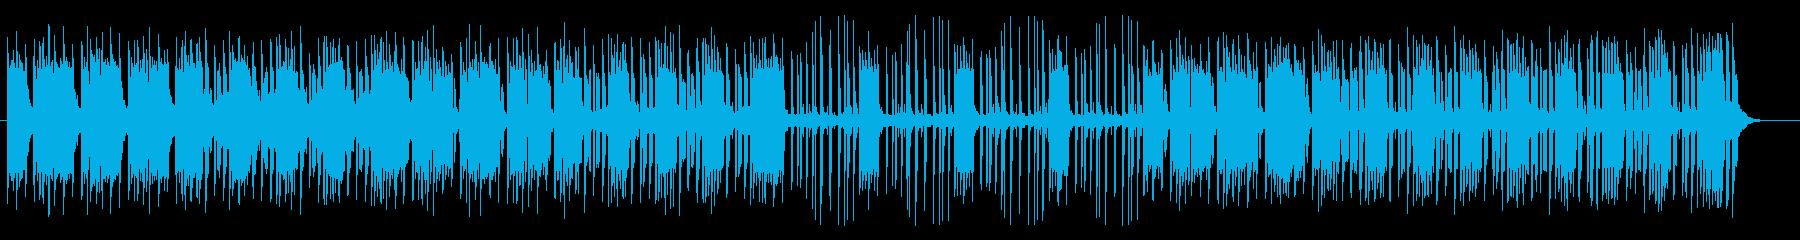 明るく軽やかなシンセサイザーサウンドの再生済みの波形